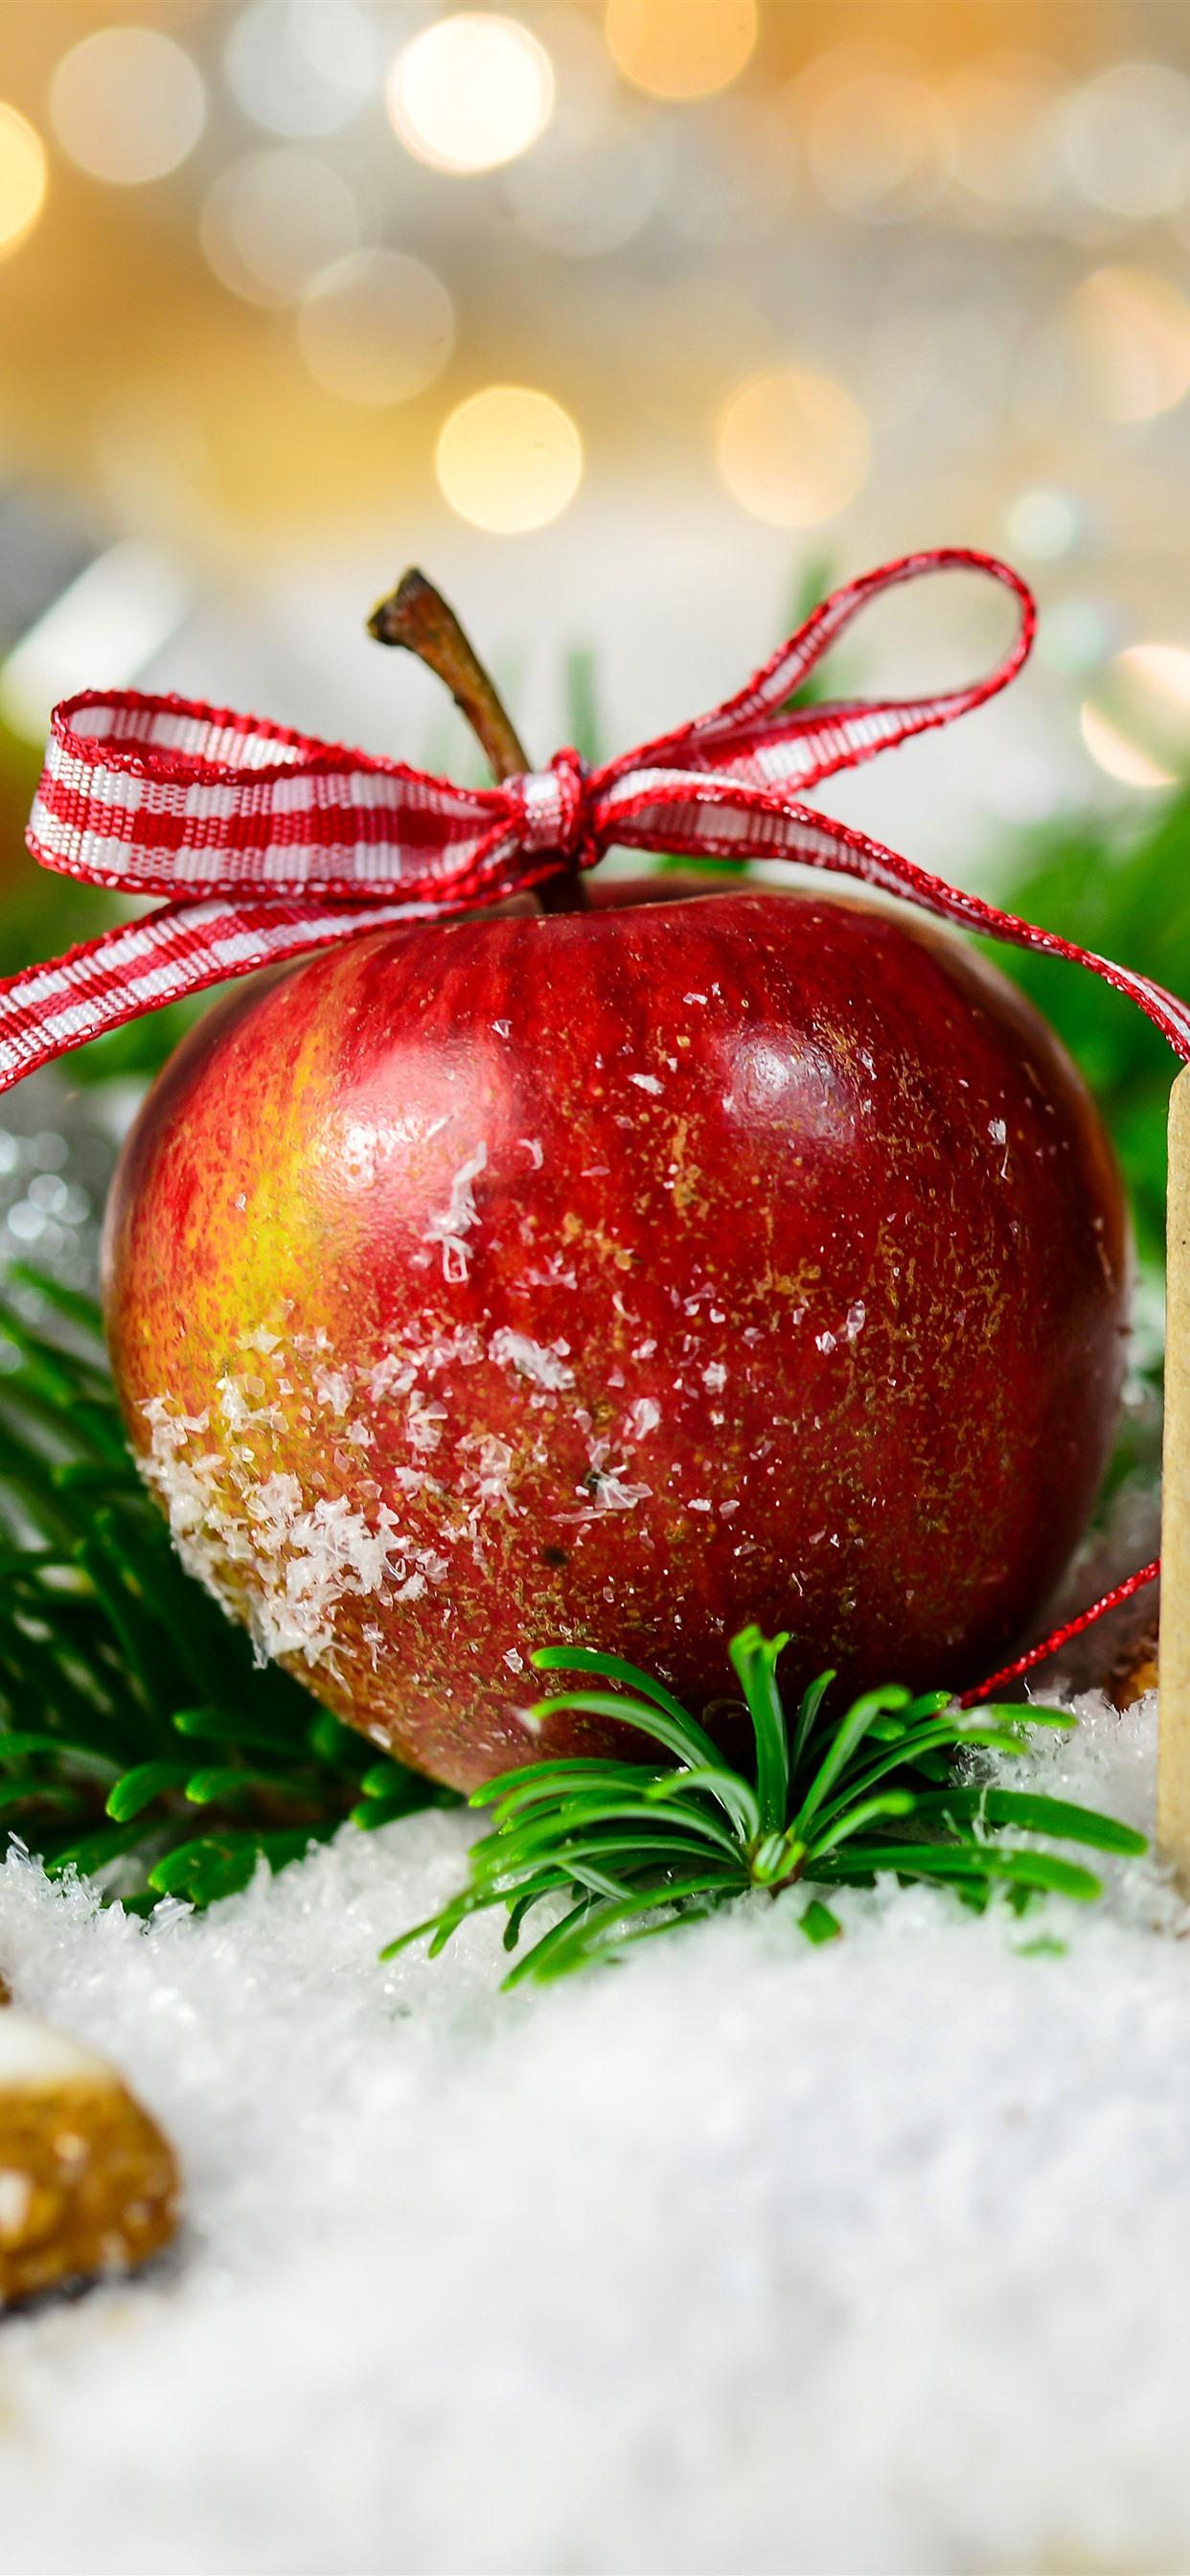 メリークリスマス 赤リンゴ スタークッキー 雪 1242x2688 Iphone 11